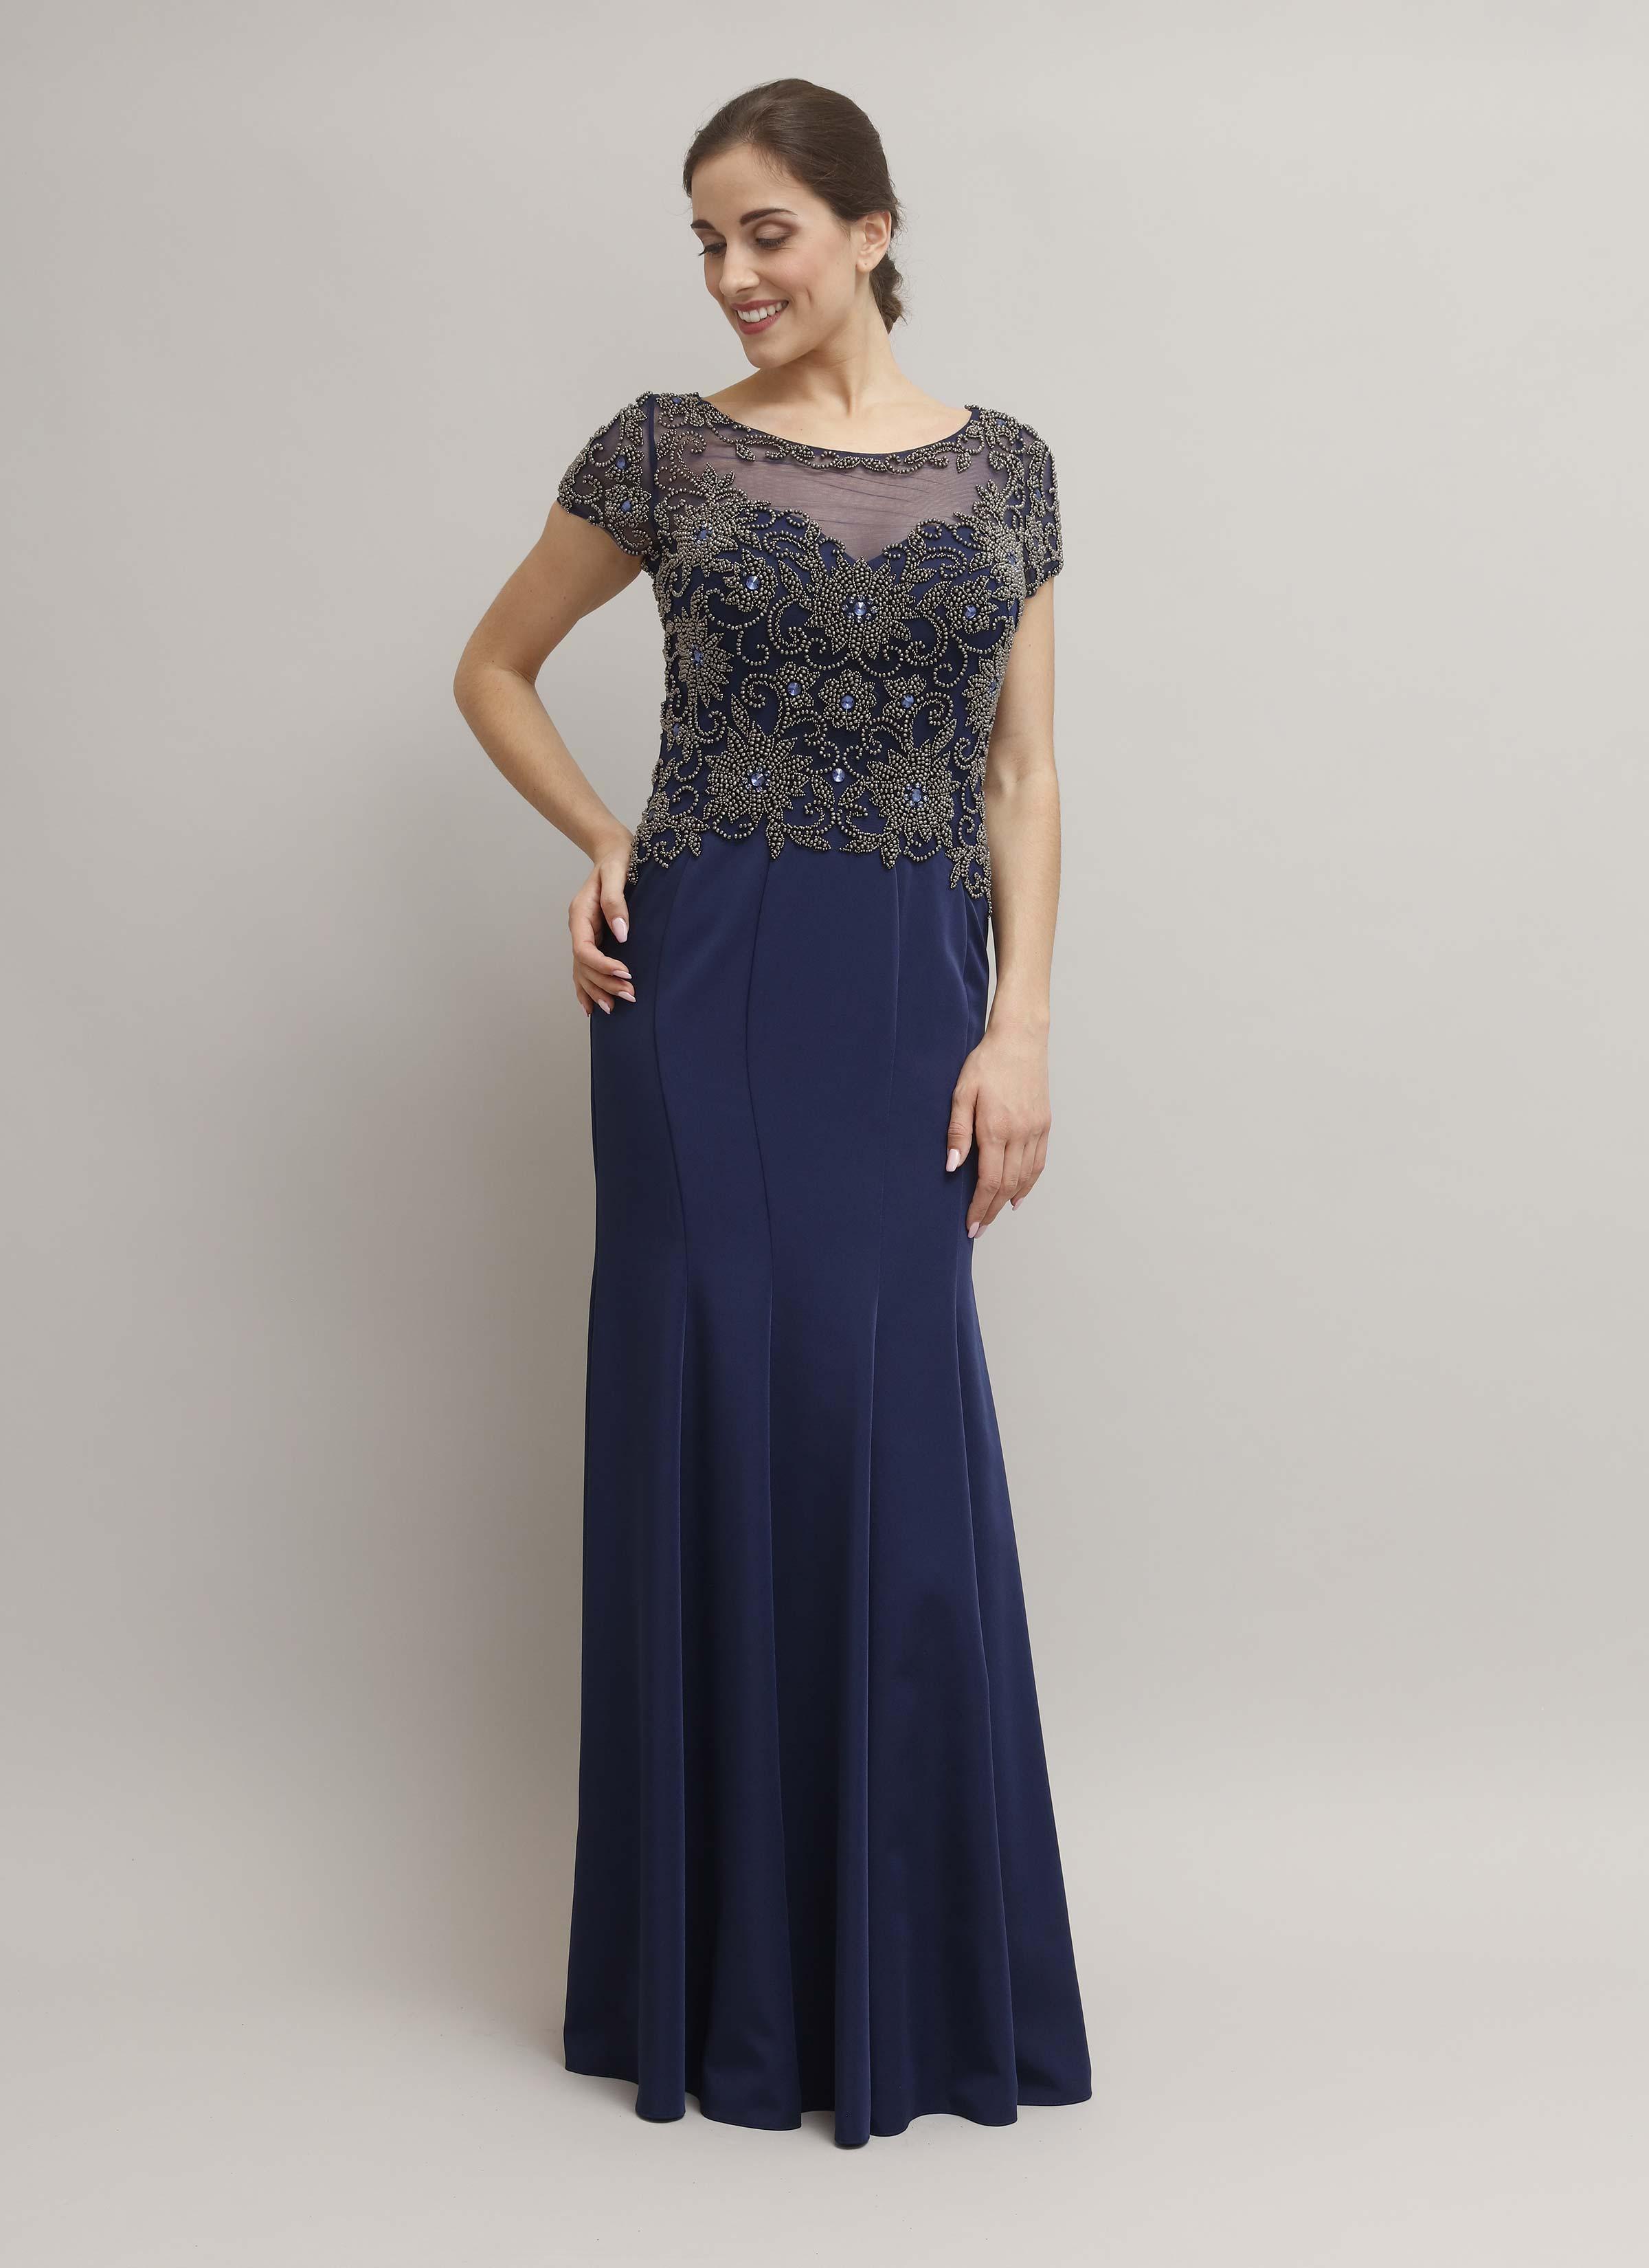 0e1558ded6c3 Abito cerimonia blu notte - alta moda Catania Mariella Gennarino